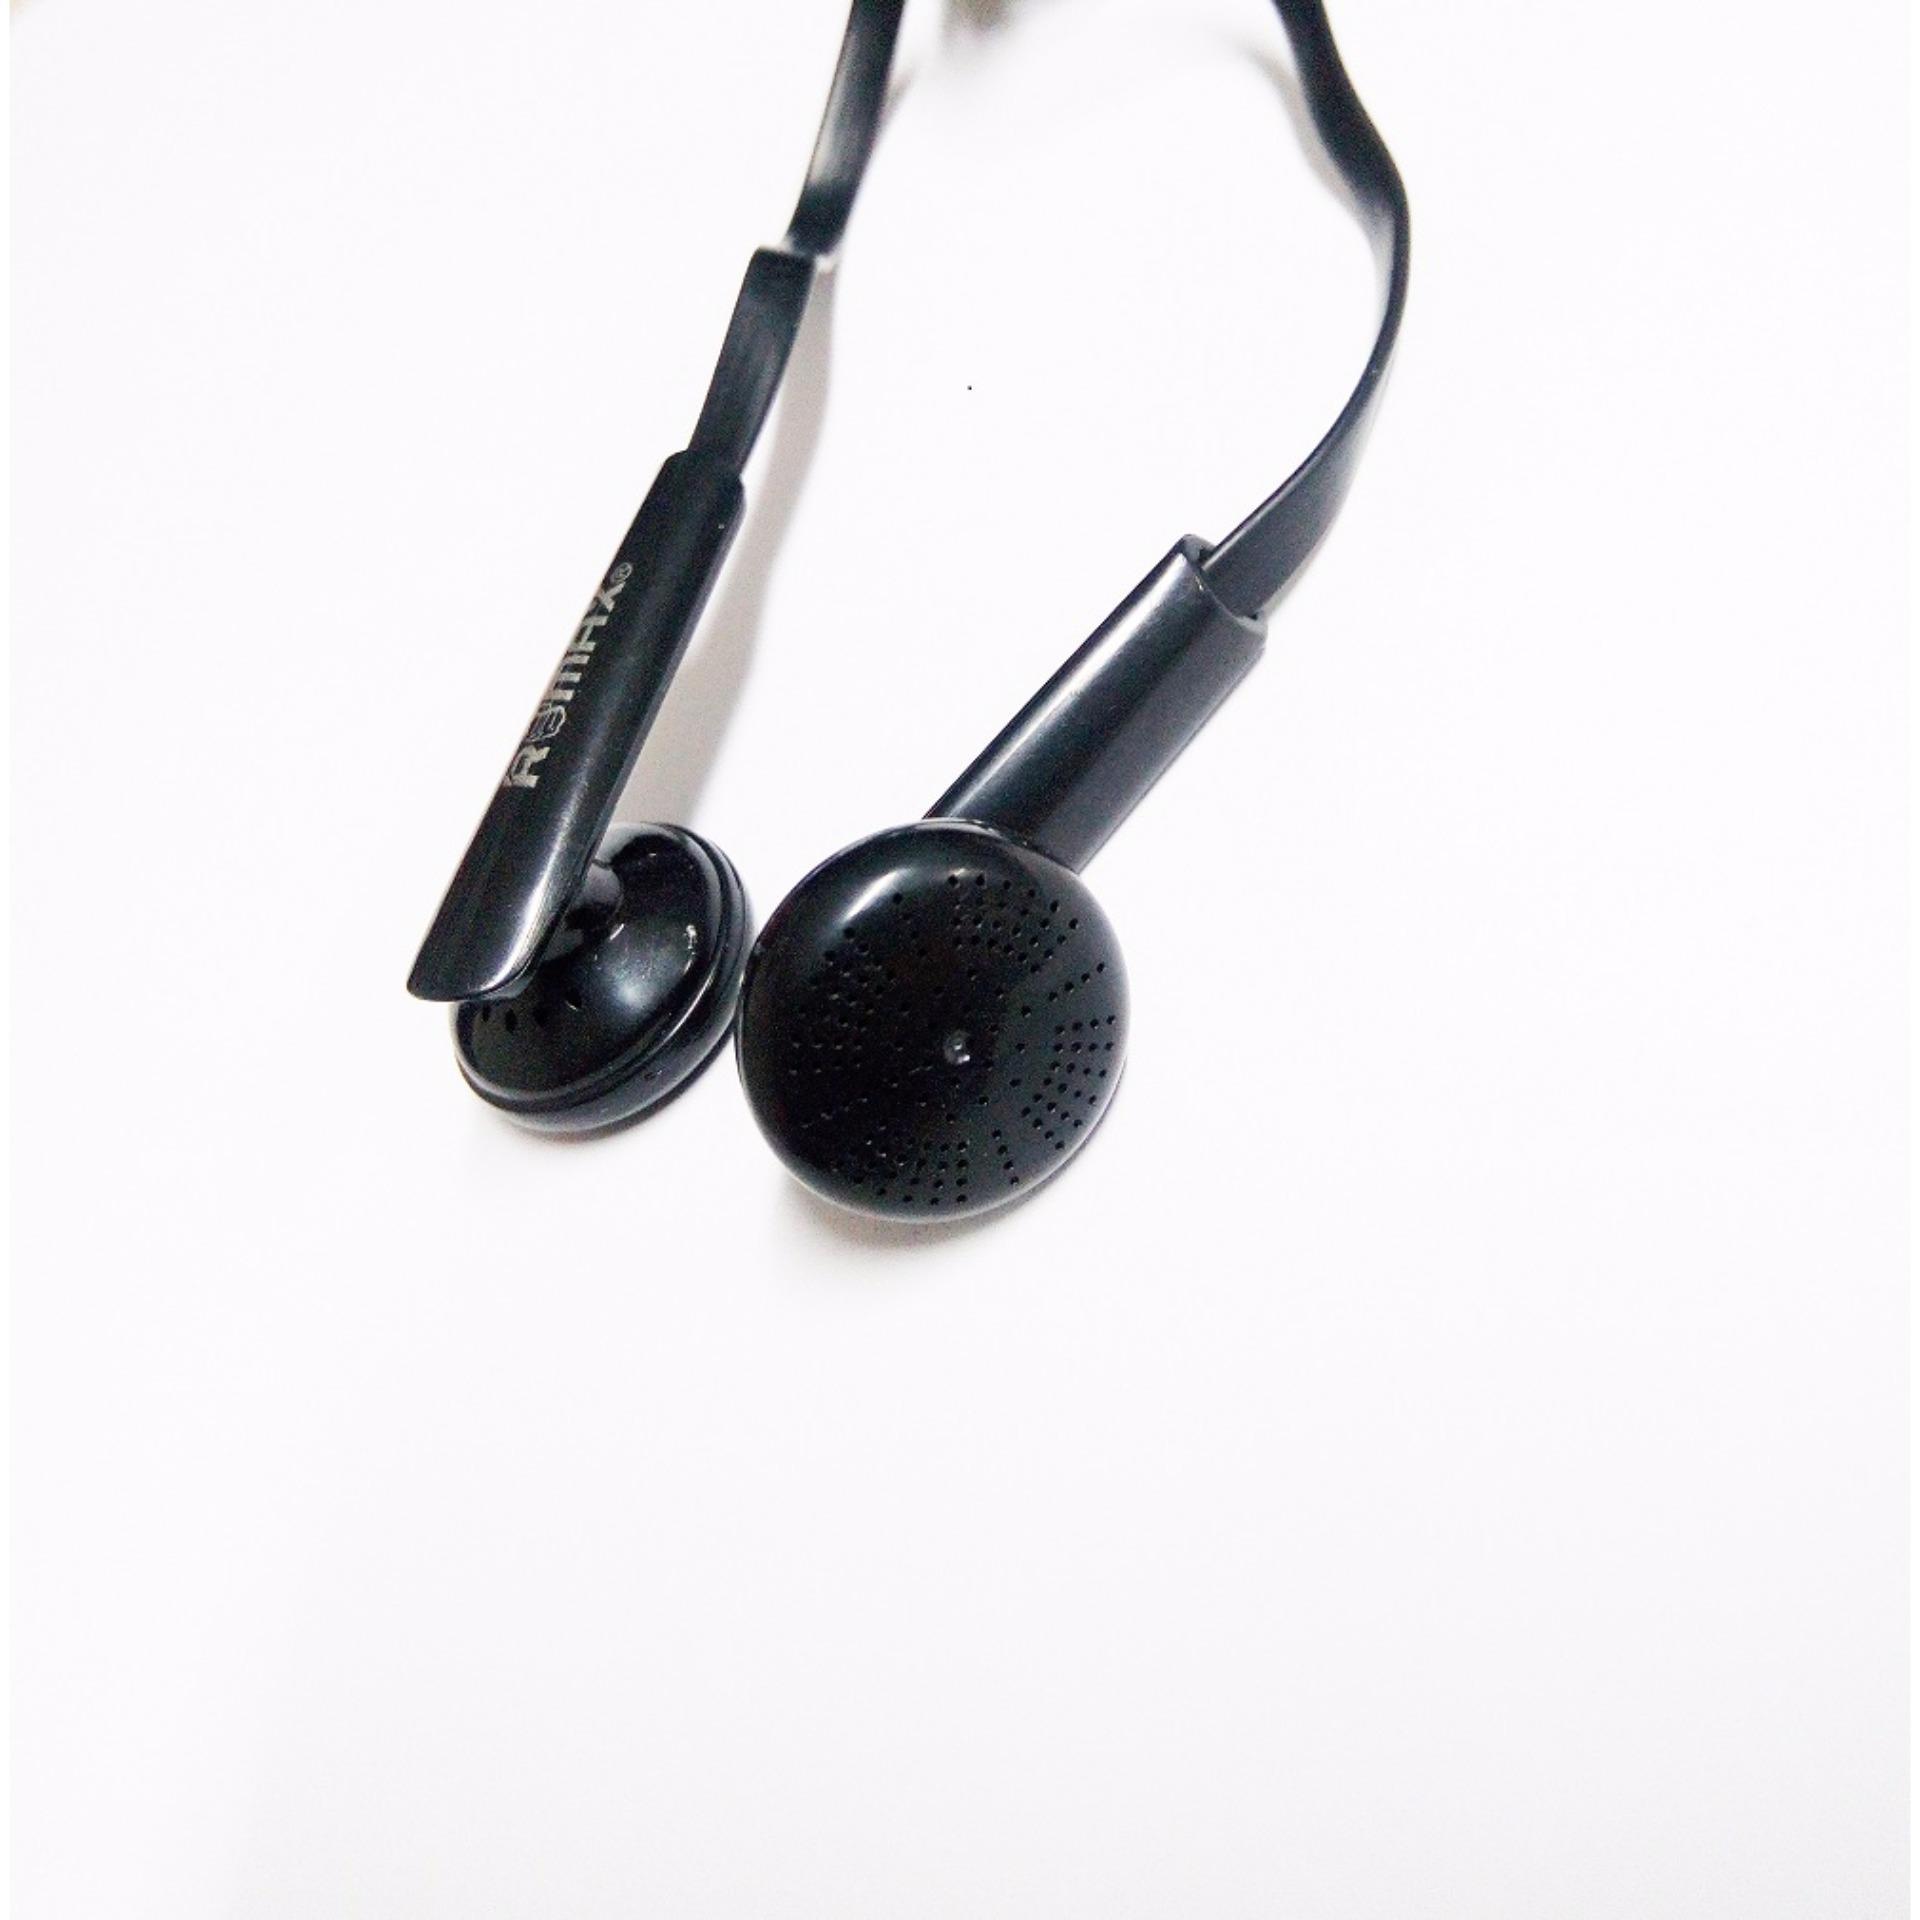 Remax RE-21 headphone Stereo Metallic Wire Earphone For SmartPhones,Computer Hands free BUY